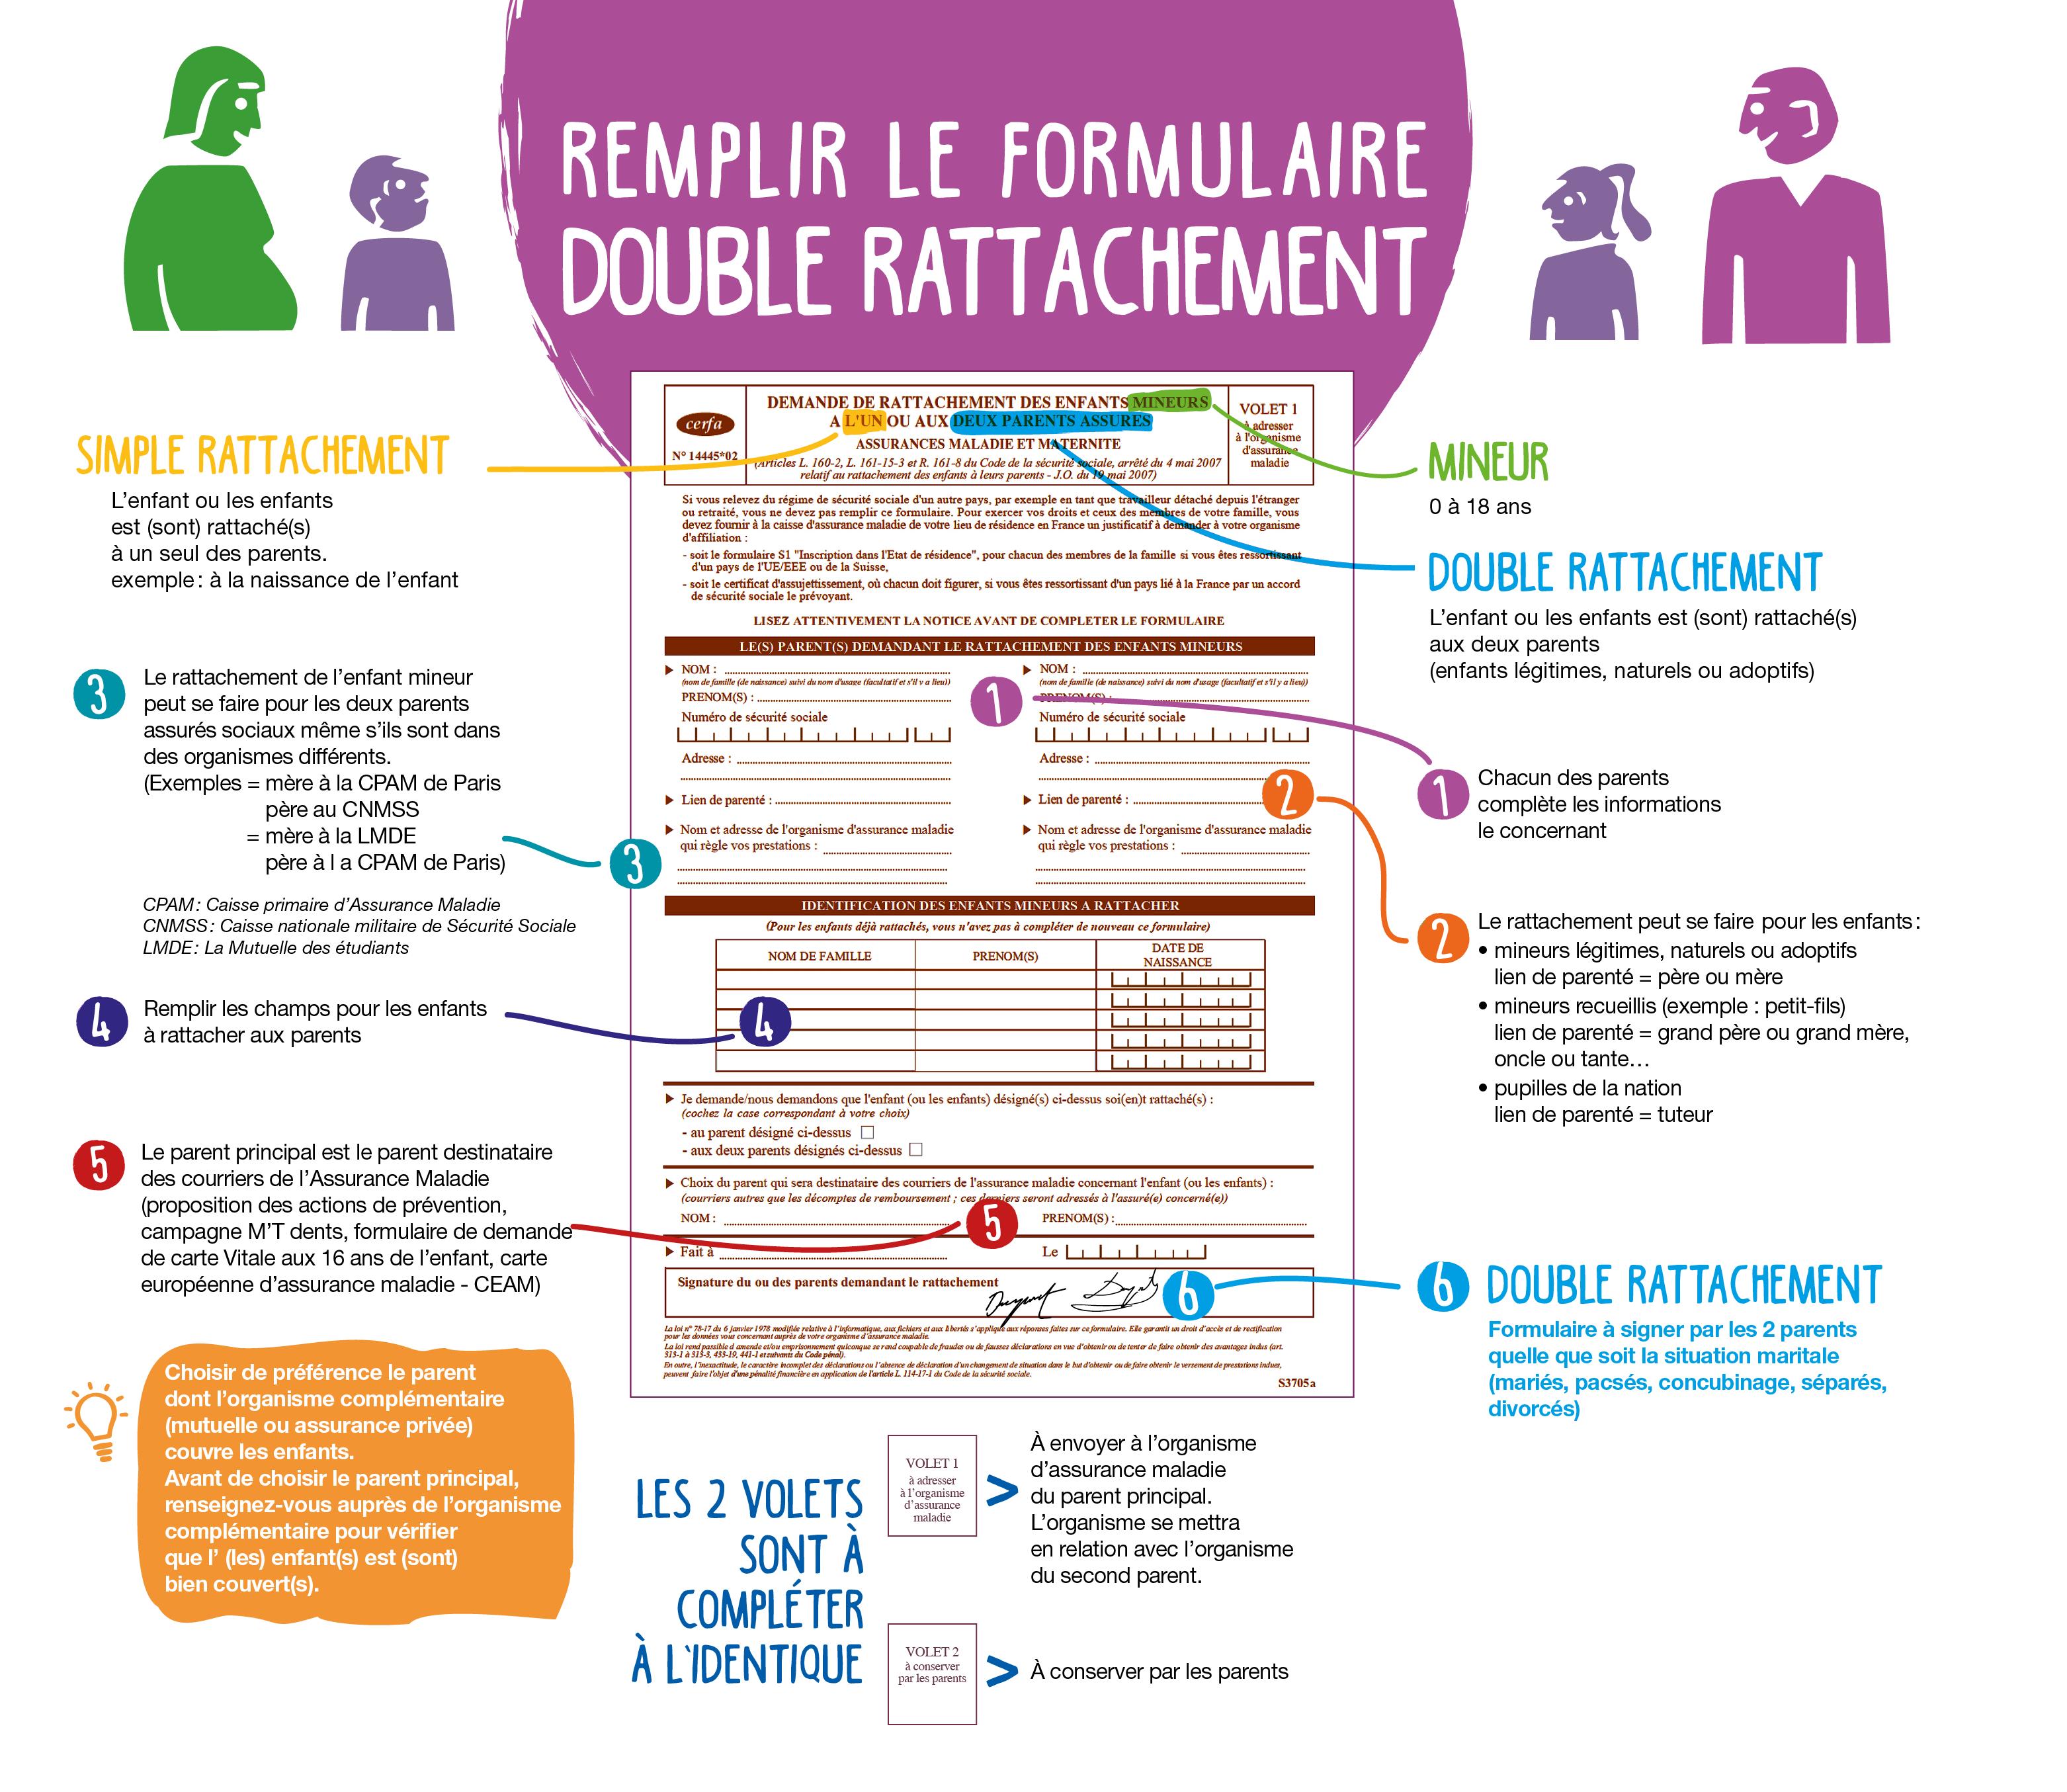 formulaire de double rattachement